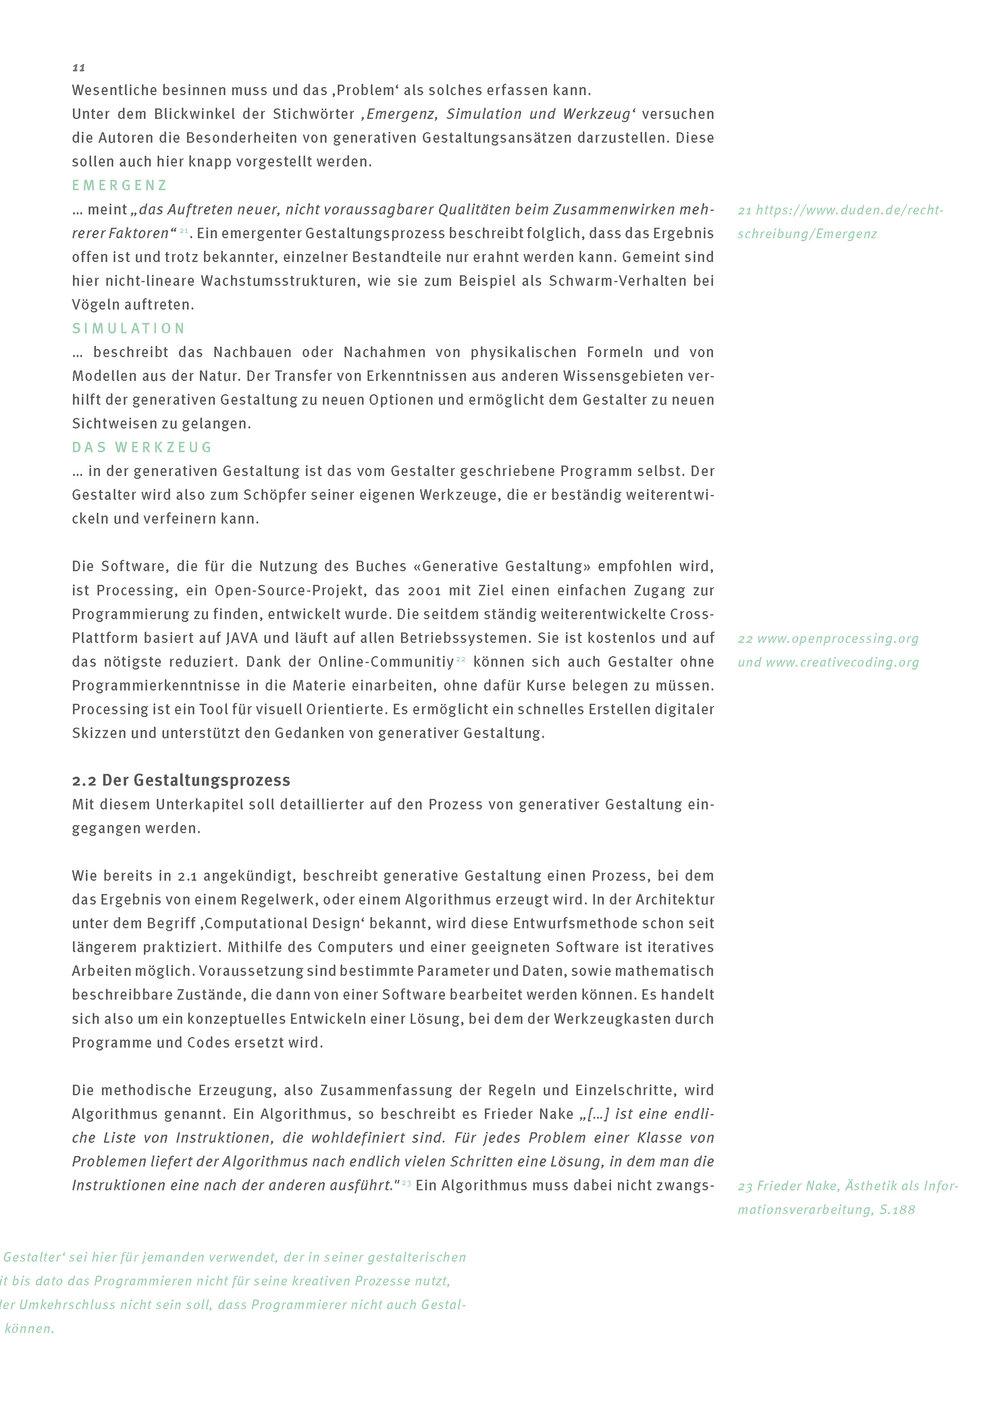 Generative Gestaltung-eine Entwurfsmethode_Einzelseiten_Seite_11.jpg